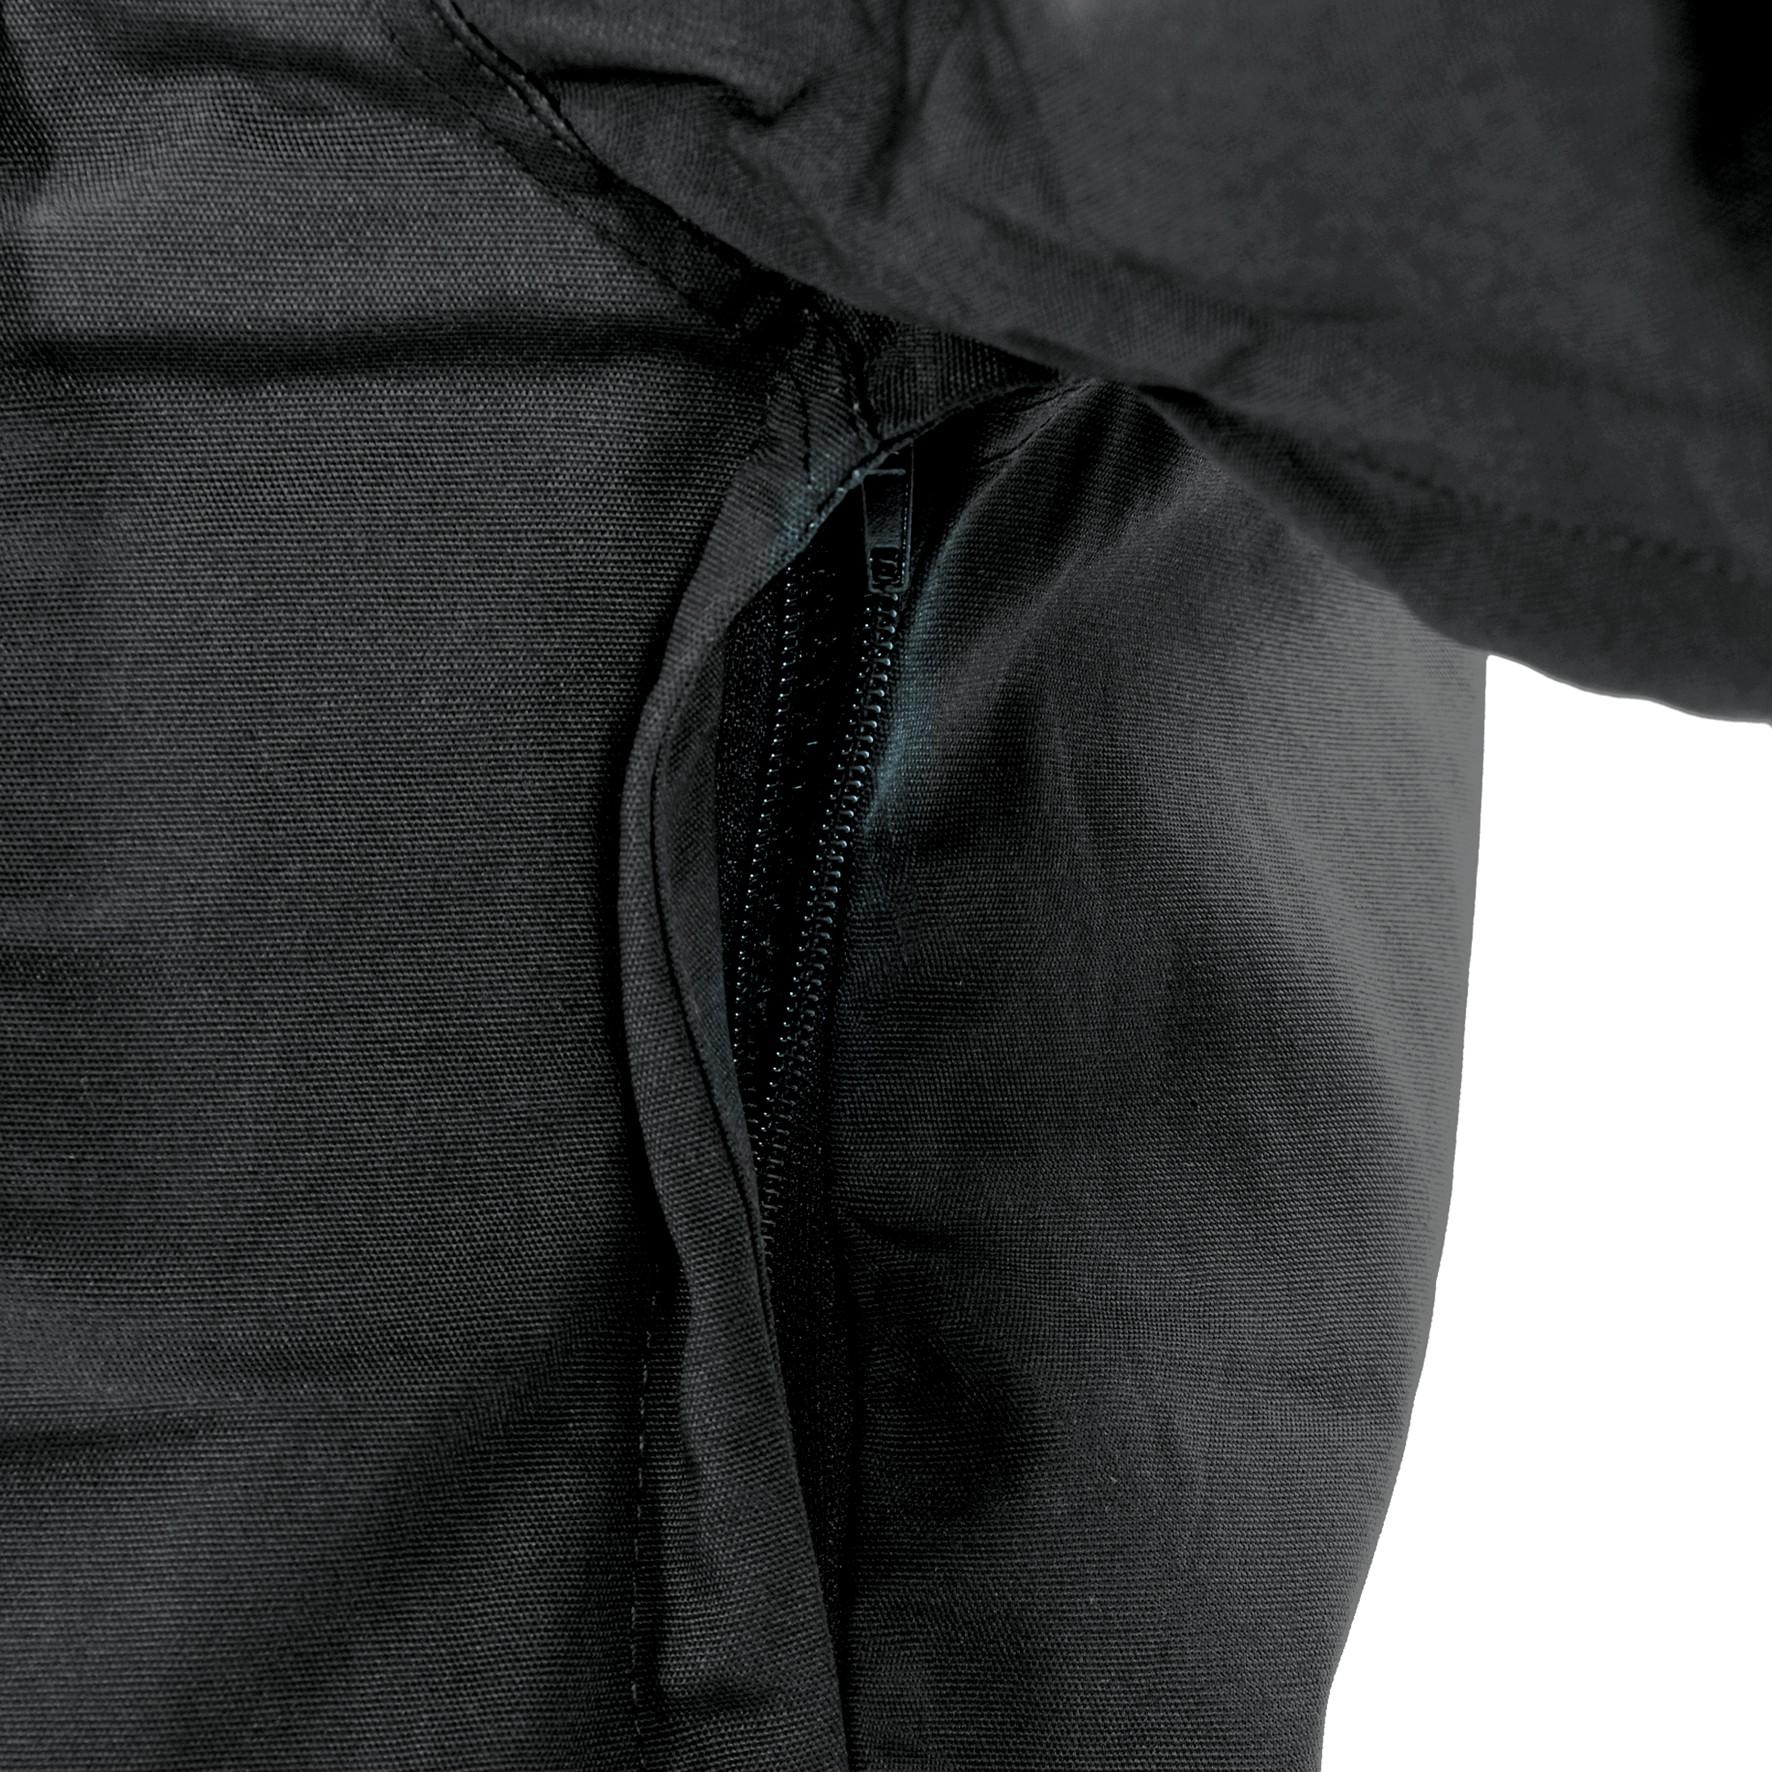 Pracovní bunda vel. XXL